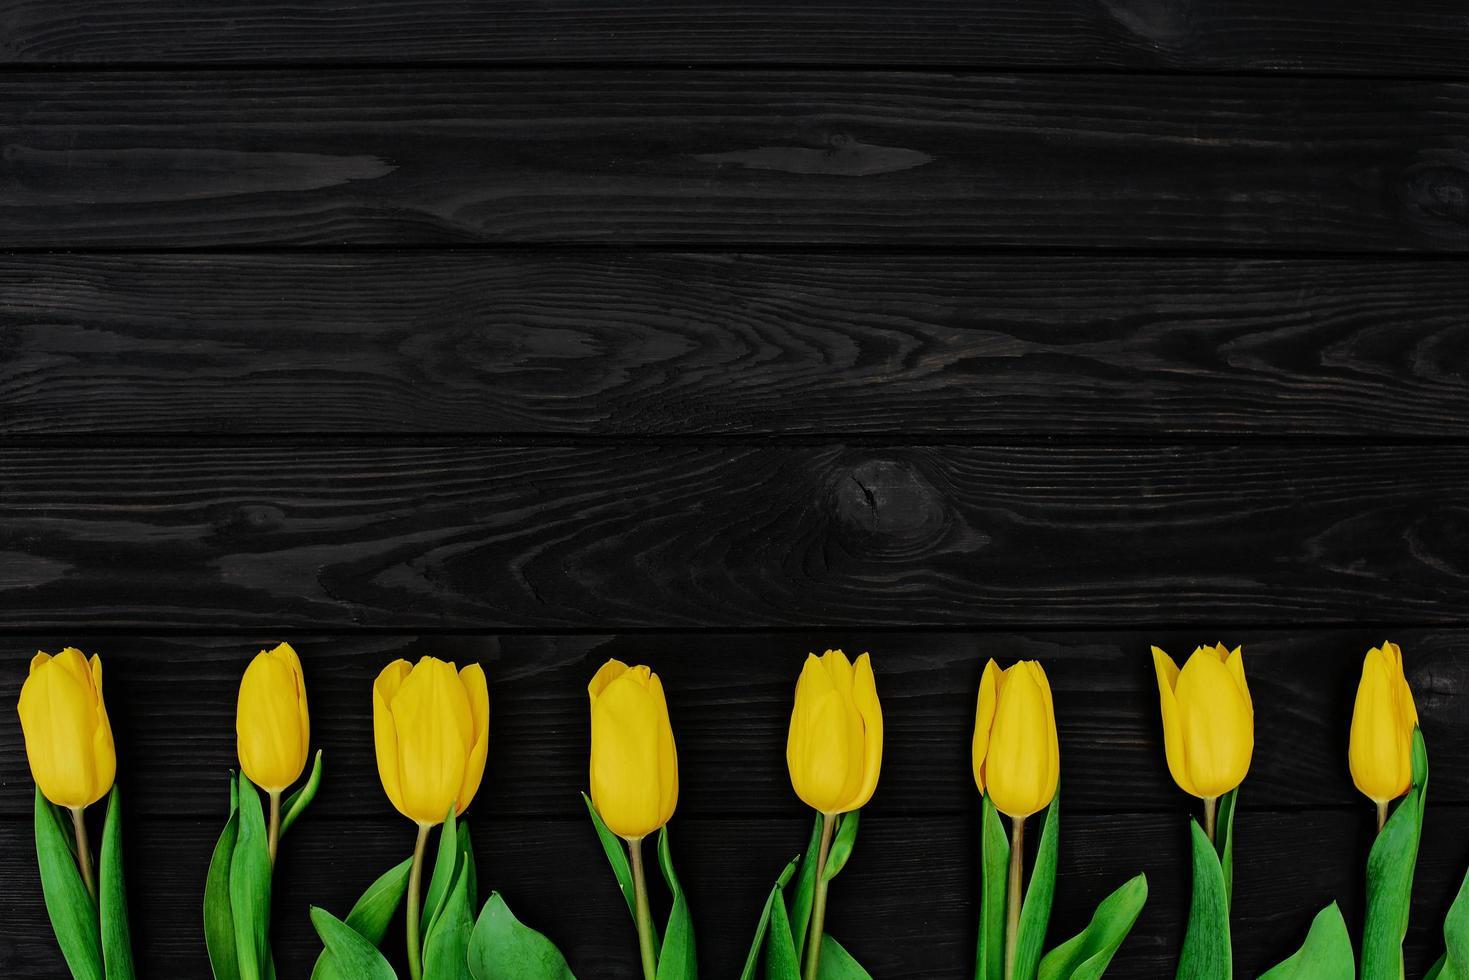 een rij gele lente tulp bloemen op een zwarte houten achtergrond. plat liggen. ruimte kopiëren. Moederdag. internationale Vrouwendag. foto